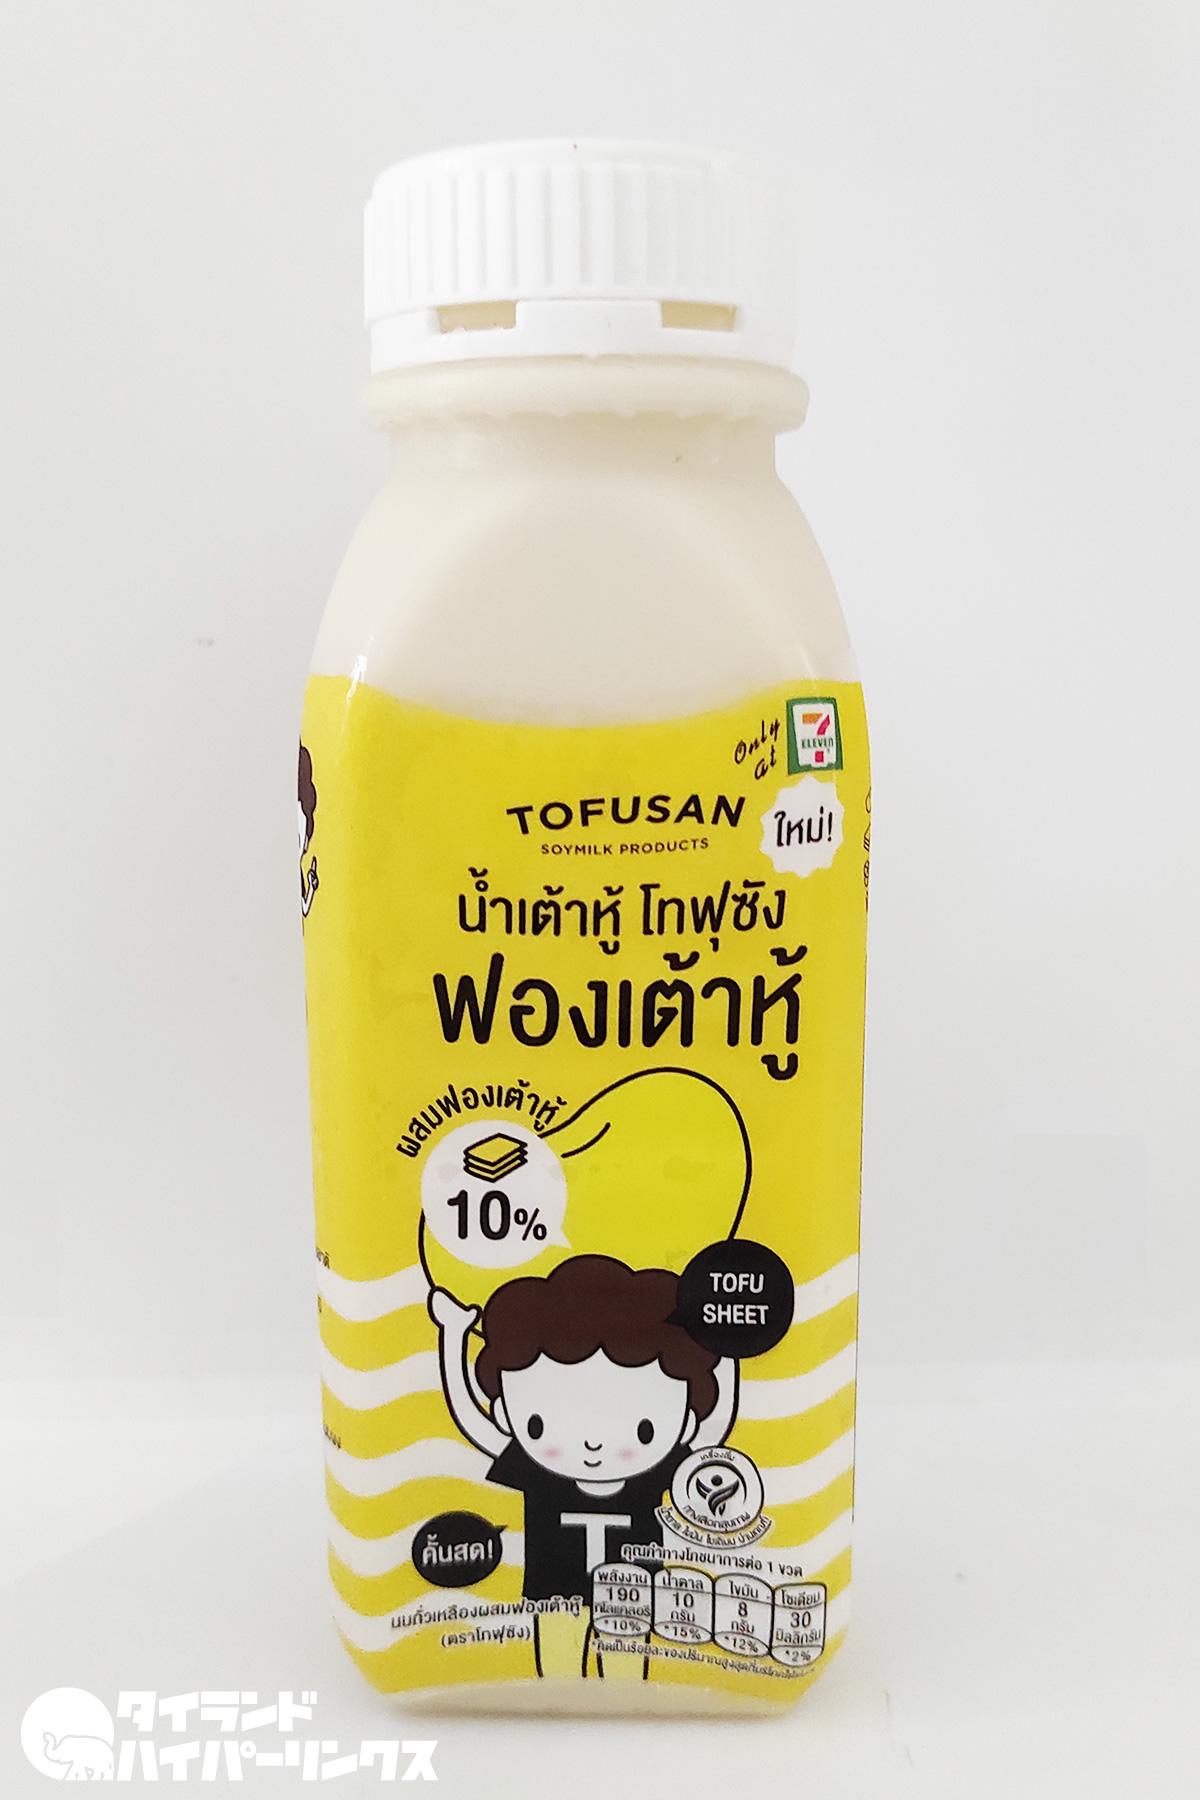 「TOFUSAN」ゆば入り豆乳、ほんのり甘め